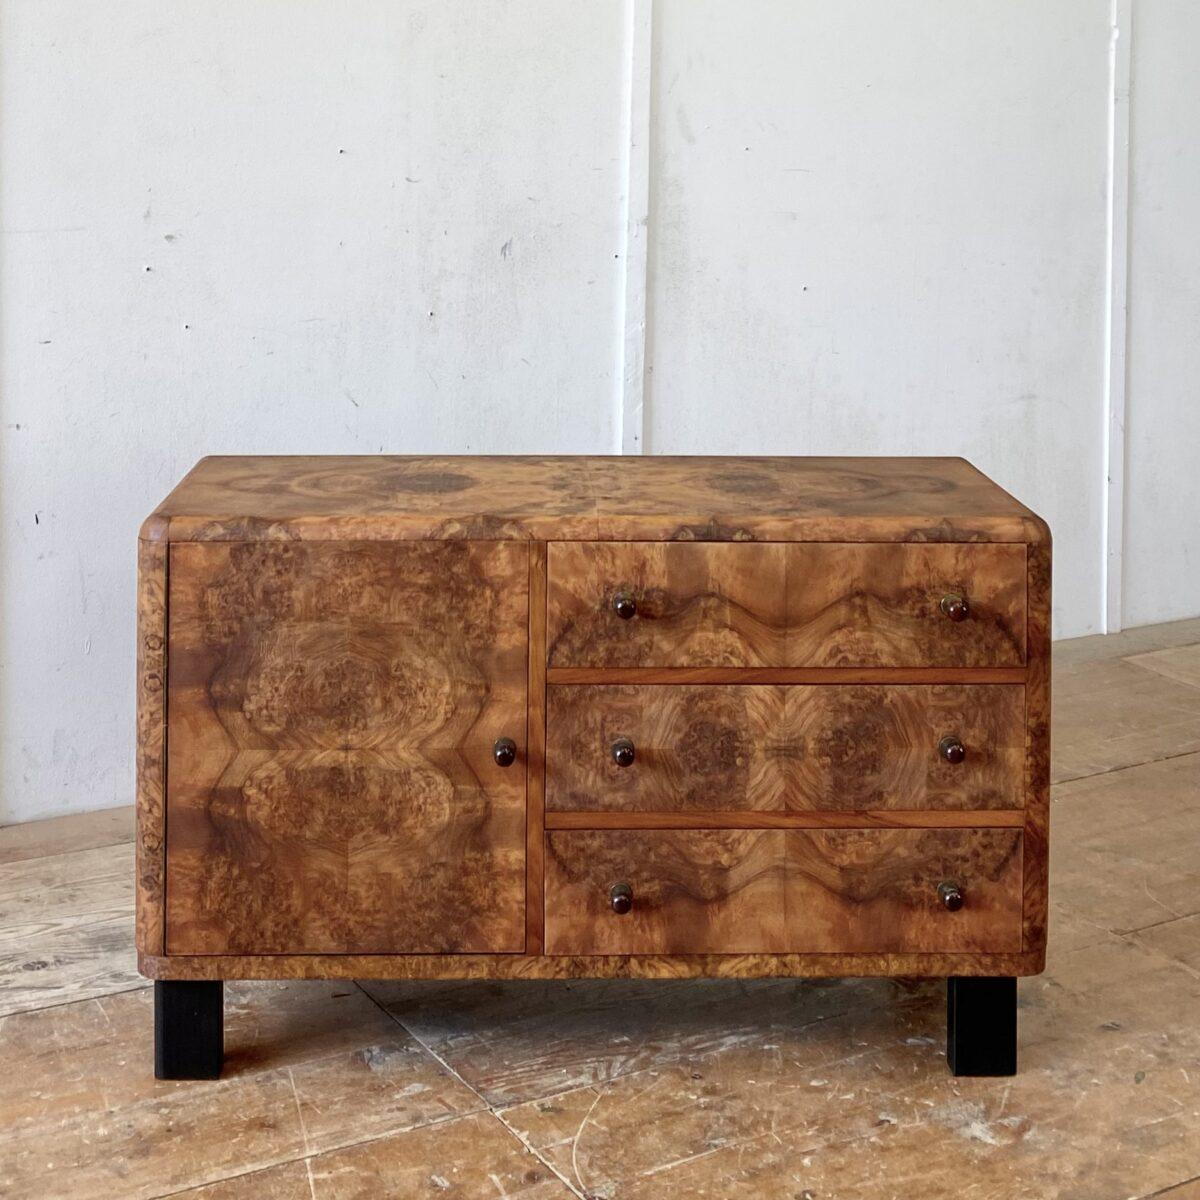 Nussbaum Kommode im Art déco Stil. 110x45cm Höhe 67cm. Das Möbel ist mit Wurzelholz furniert, die runden Kanten sind aus Vollholz, Griffe aus gegossenem Kunststoff oder Bakelit. Die Holz Oberflächen sind mit Naturöl behandelt. Hinter der Türe befindet sich ein Tablar, die oberste Schublade ist in 4 Fächer eingeteilt.